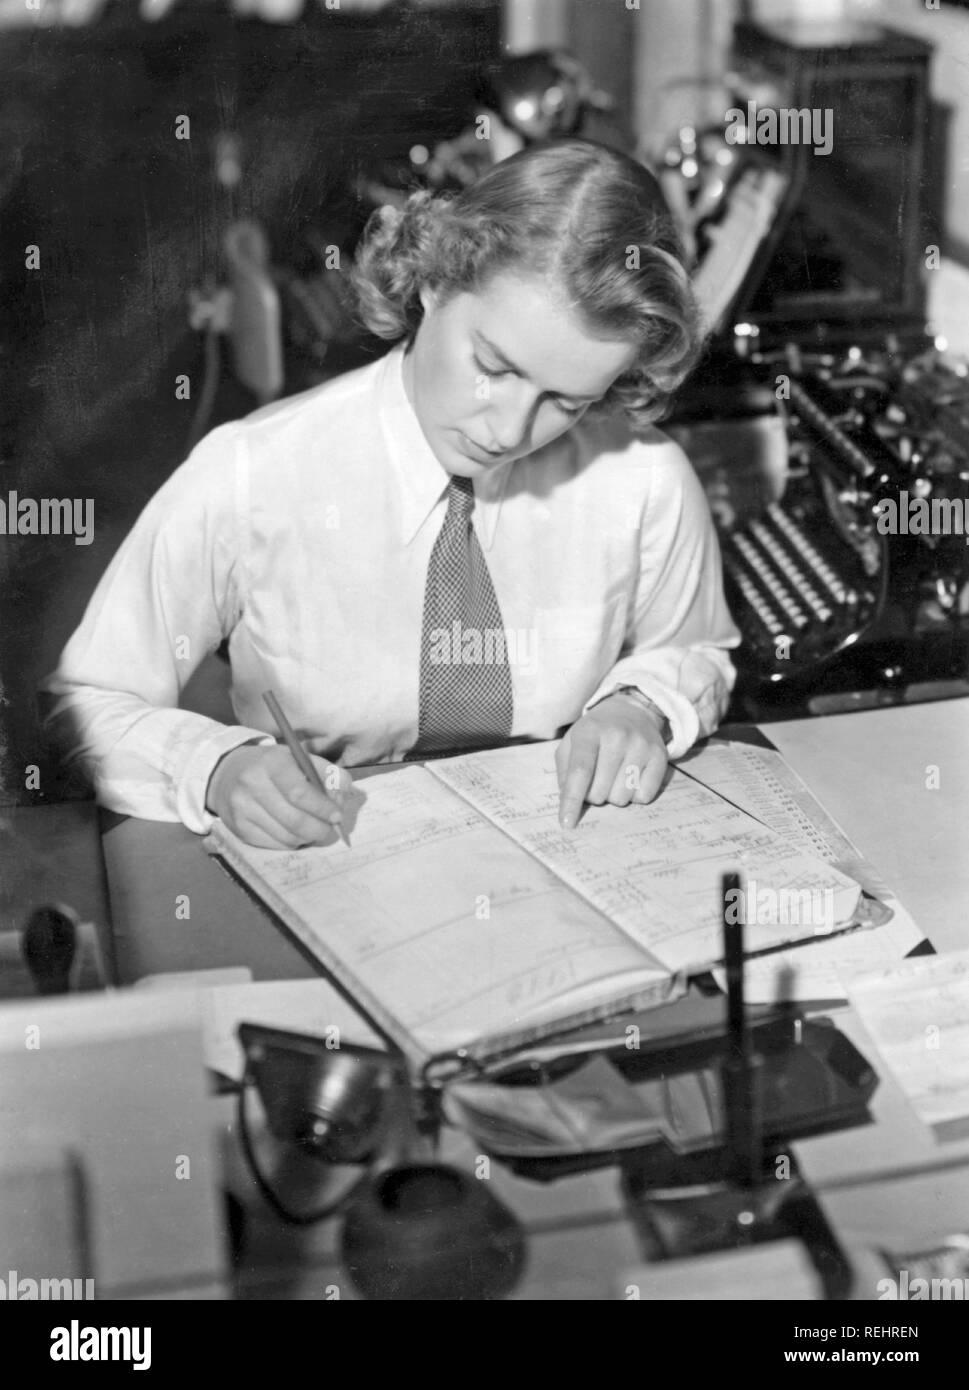 una blanca donde con tome cuidadosa y en joven registrer ella oficina corbata una clerk está Una Ella en 1940 camisa nota mujer Office vestido 18YqY